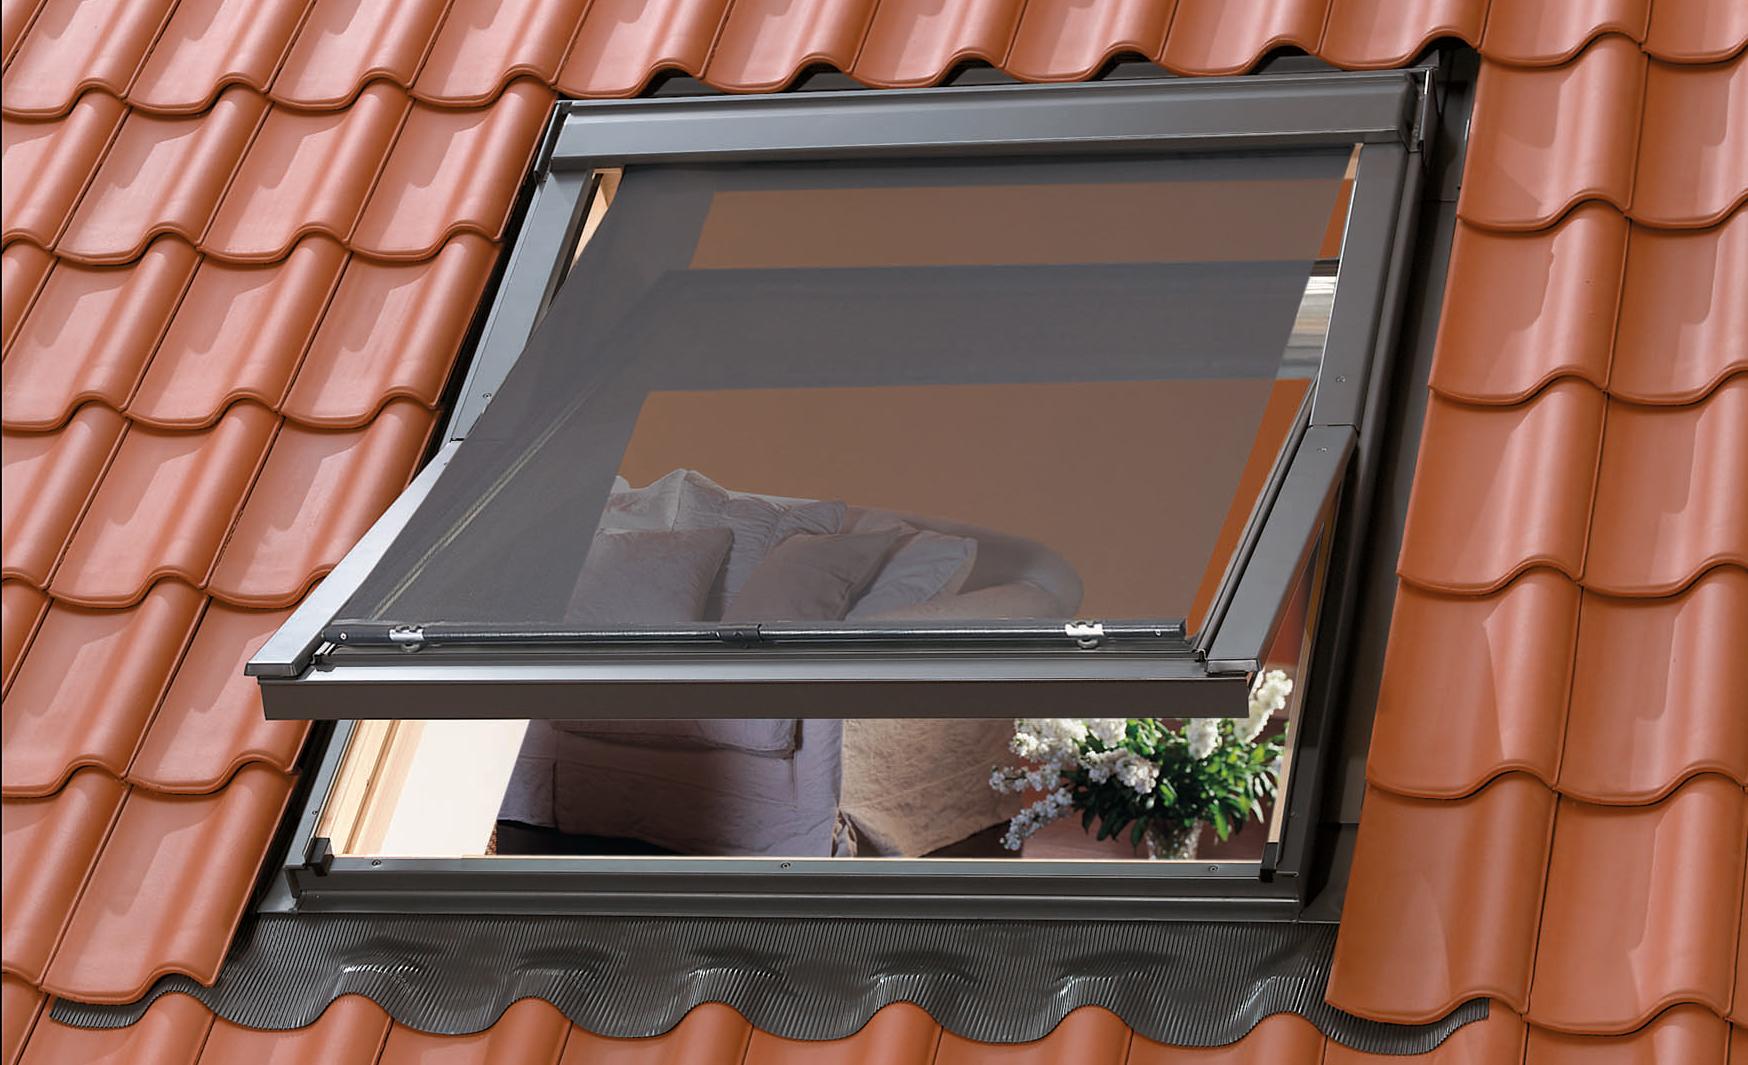 Full Size of Hitzeschutz Markise Dachfenster Selbstde Fenster 120x120 Zwangsbelüftung Nachrüsten Mit Rolladen Einbauen Kosten Insektenschutz Felux 3 Fach Verglasung Fenster Sonnenschutz Fenster Außen